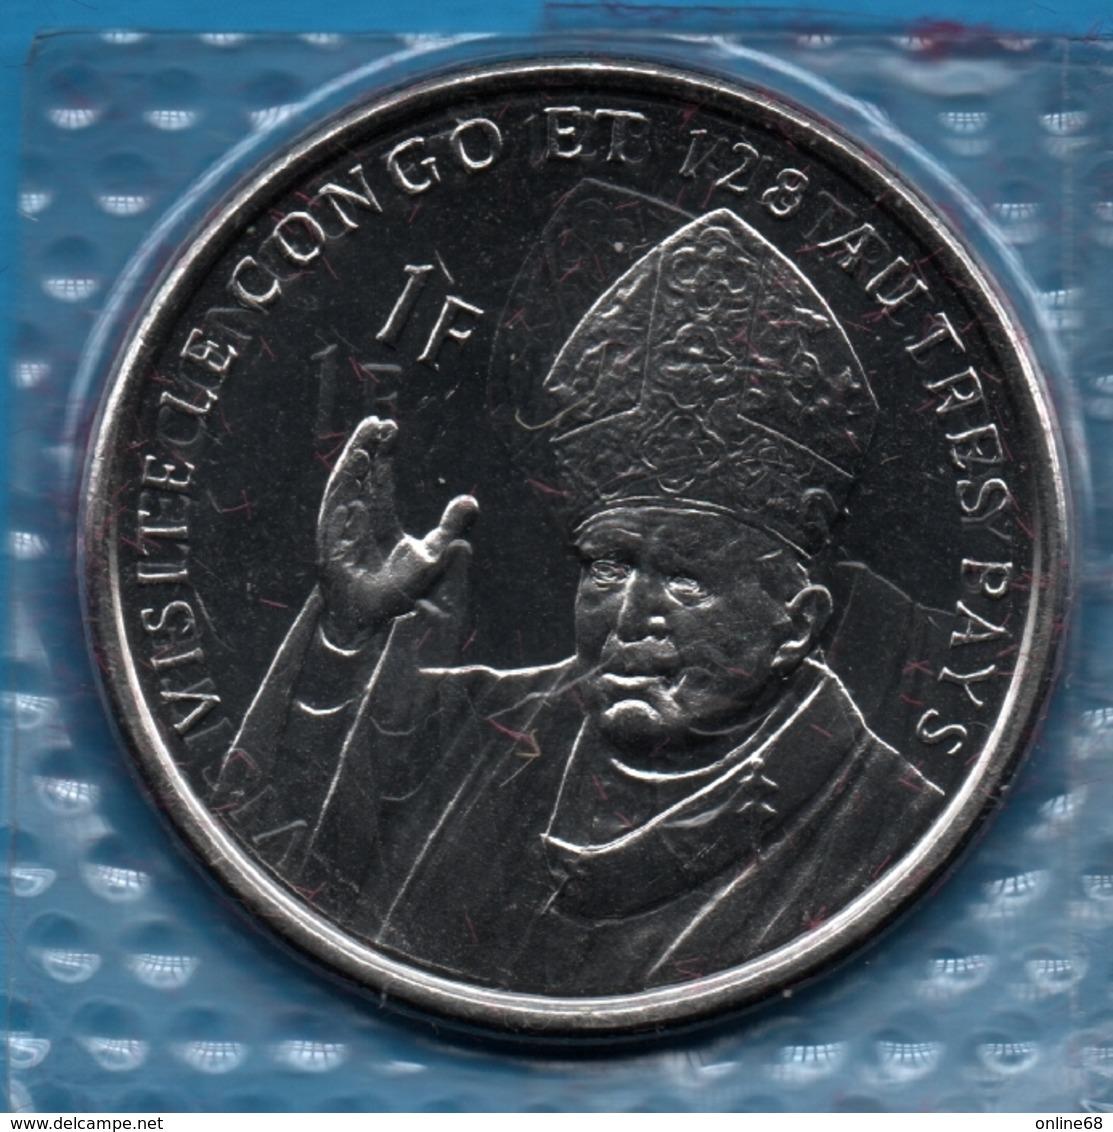 CONGO 1 FRANC 2004 (Jean Paul II) Pope John Paul II's Visit KM# 21 LION - Congo (République Démocratique 1998)